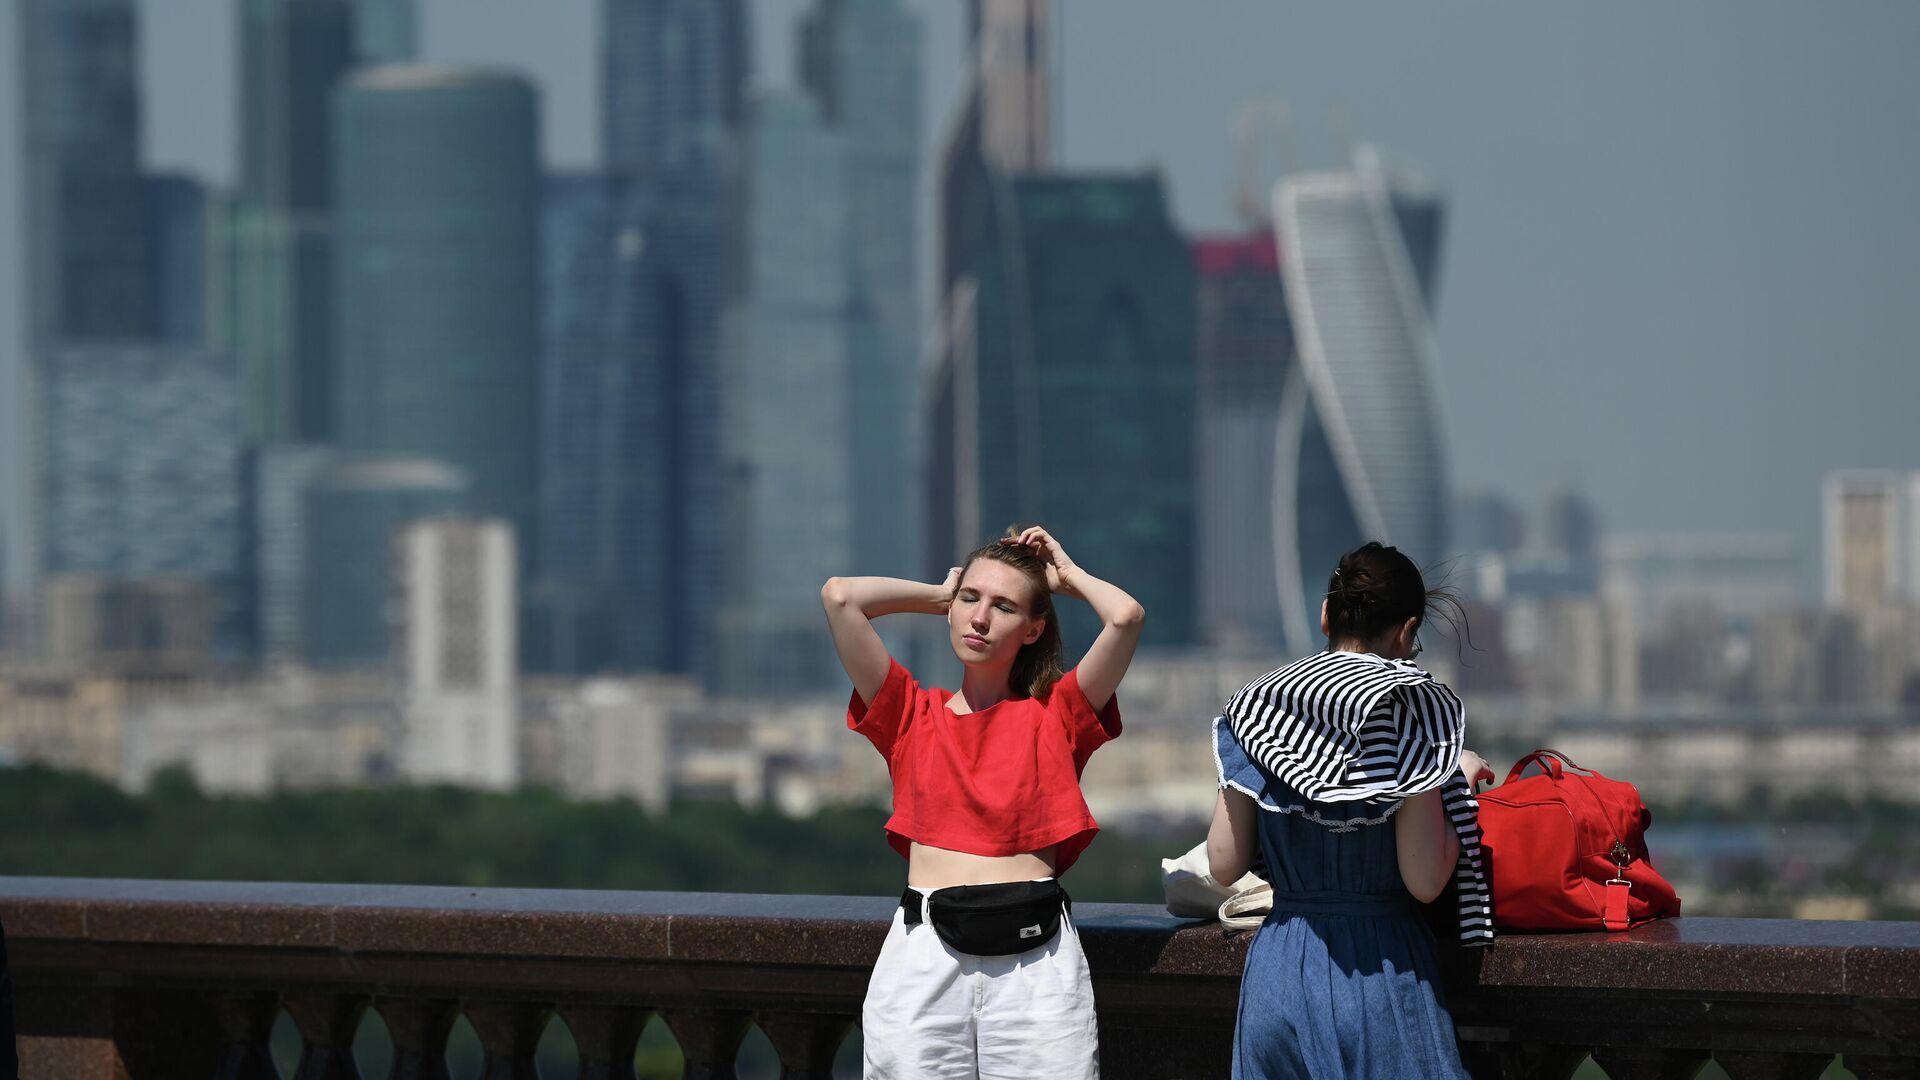 Девушки в жаркую погоду на Воробьёвской набережной - РИА Новости, 1920, 05.08.2021